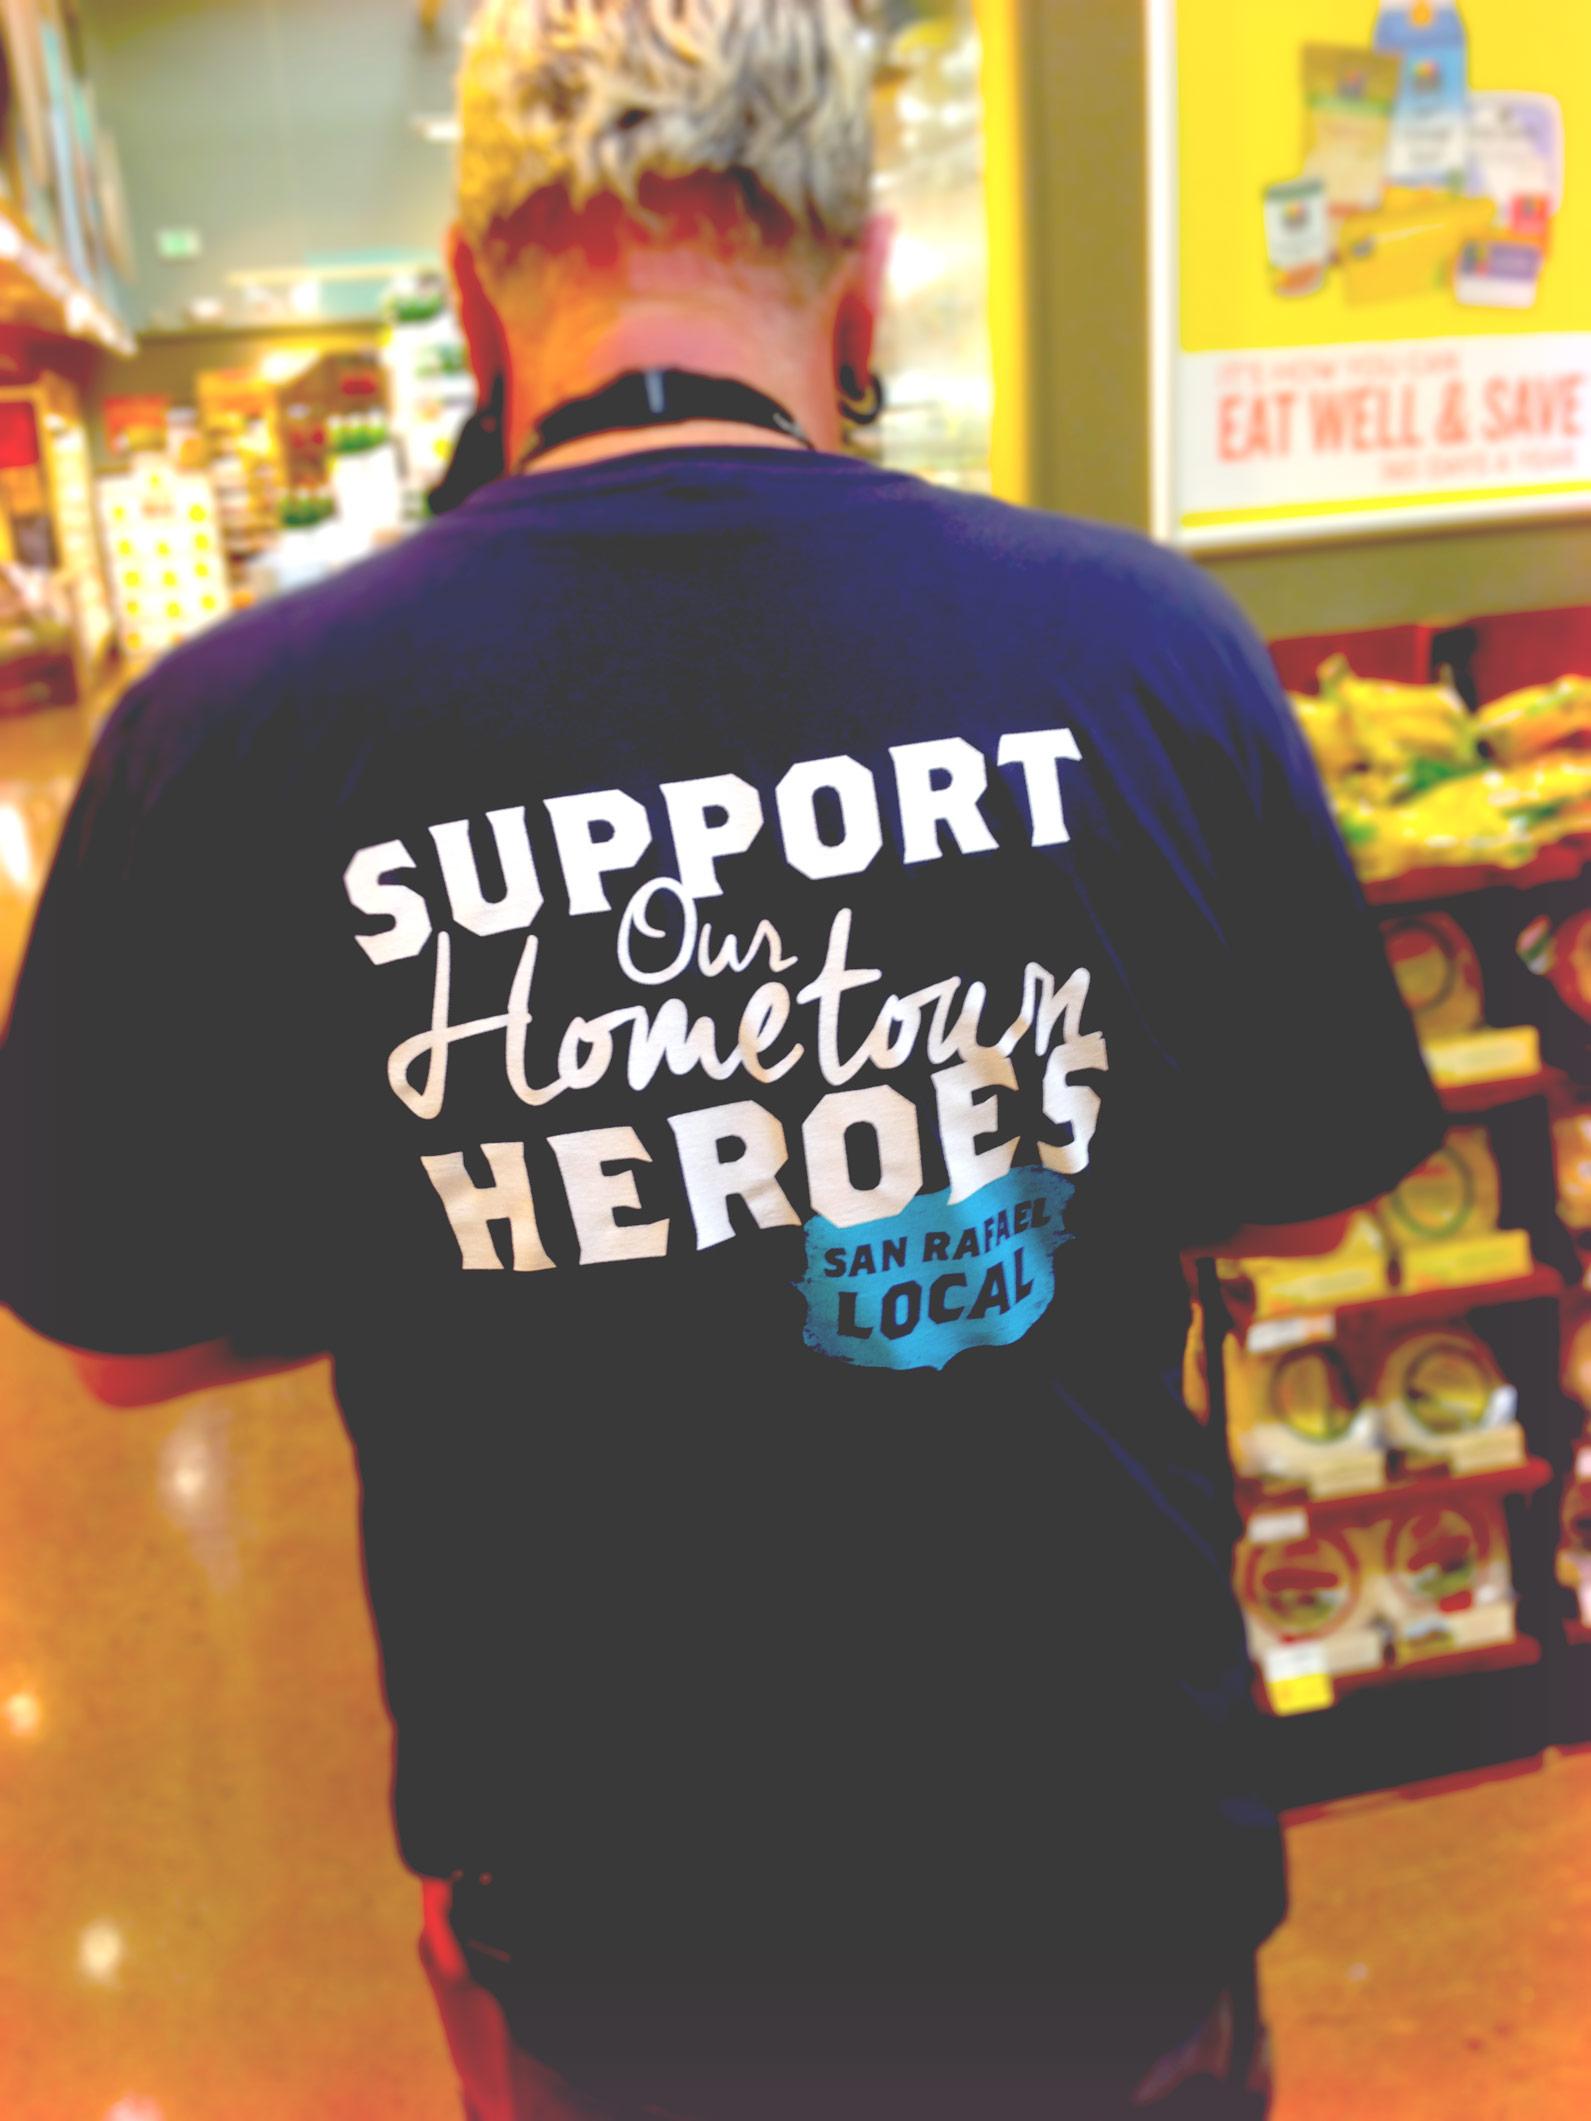 heroshirt_blur.jpg